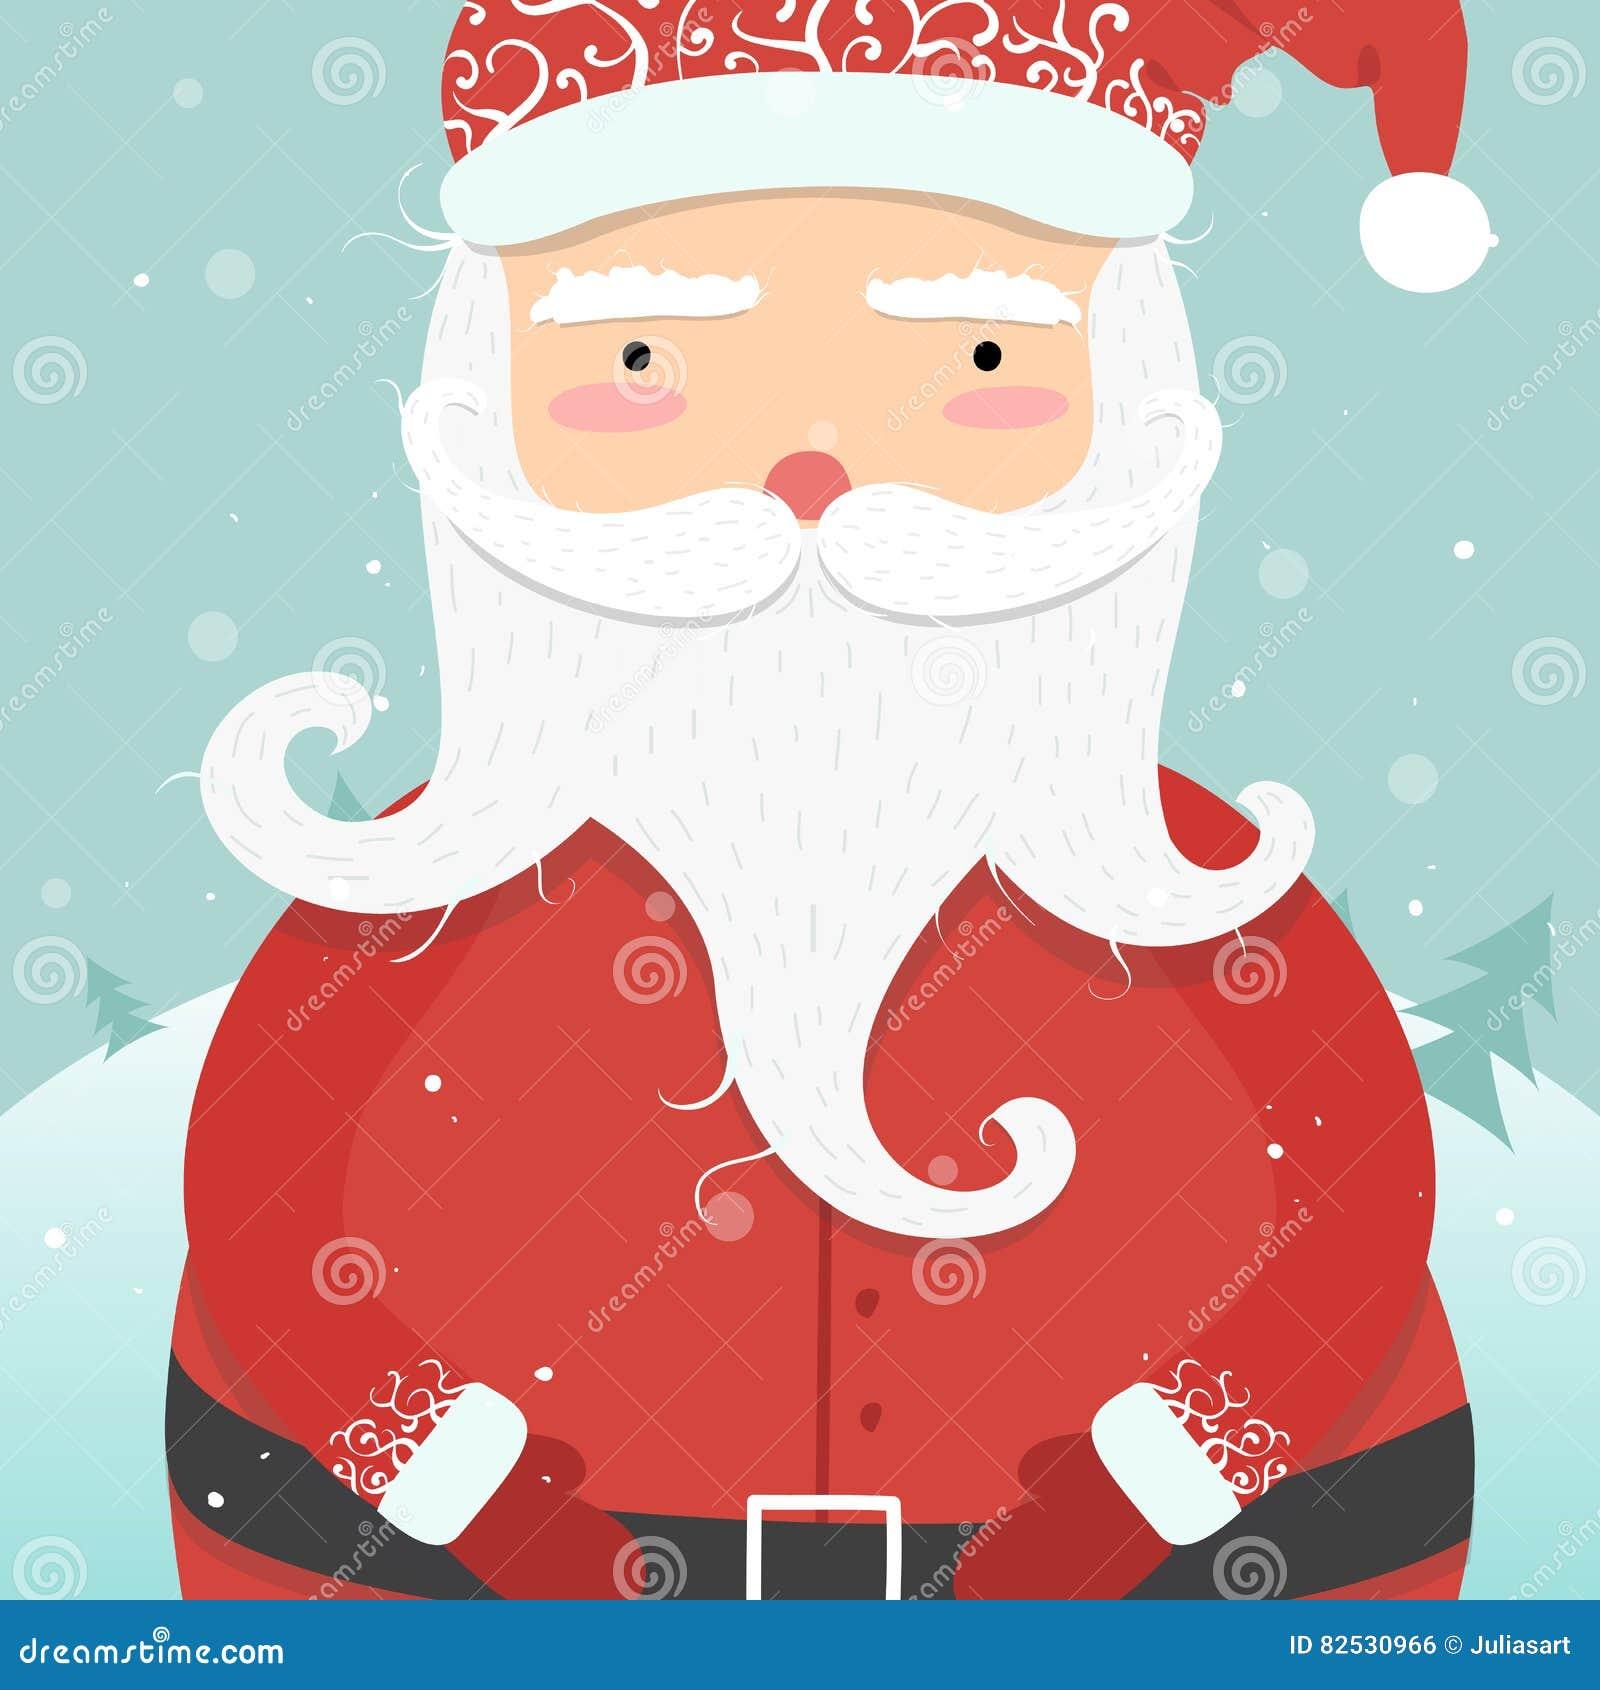 Bilder Weihnachten Lustig.Lustige Karikatur Weihnachtsmann Winterwaldhintergrund Weihnachten